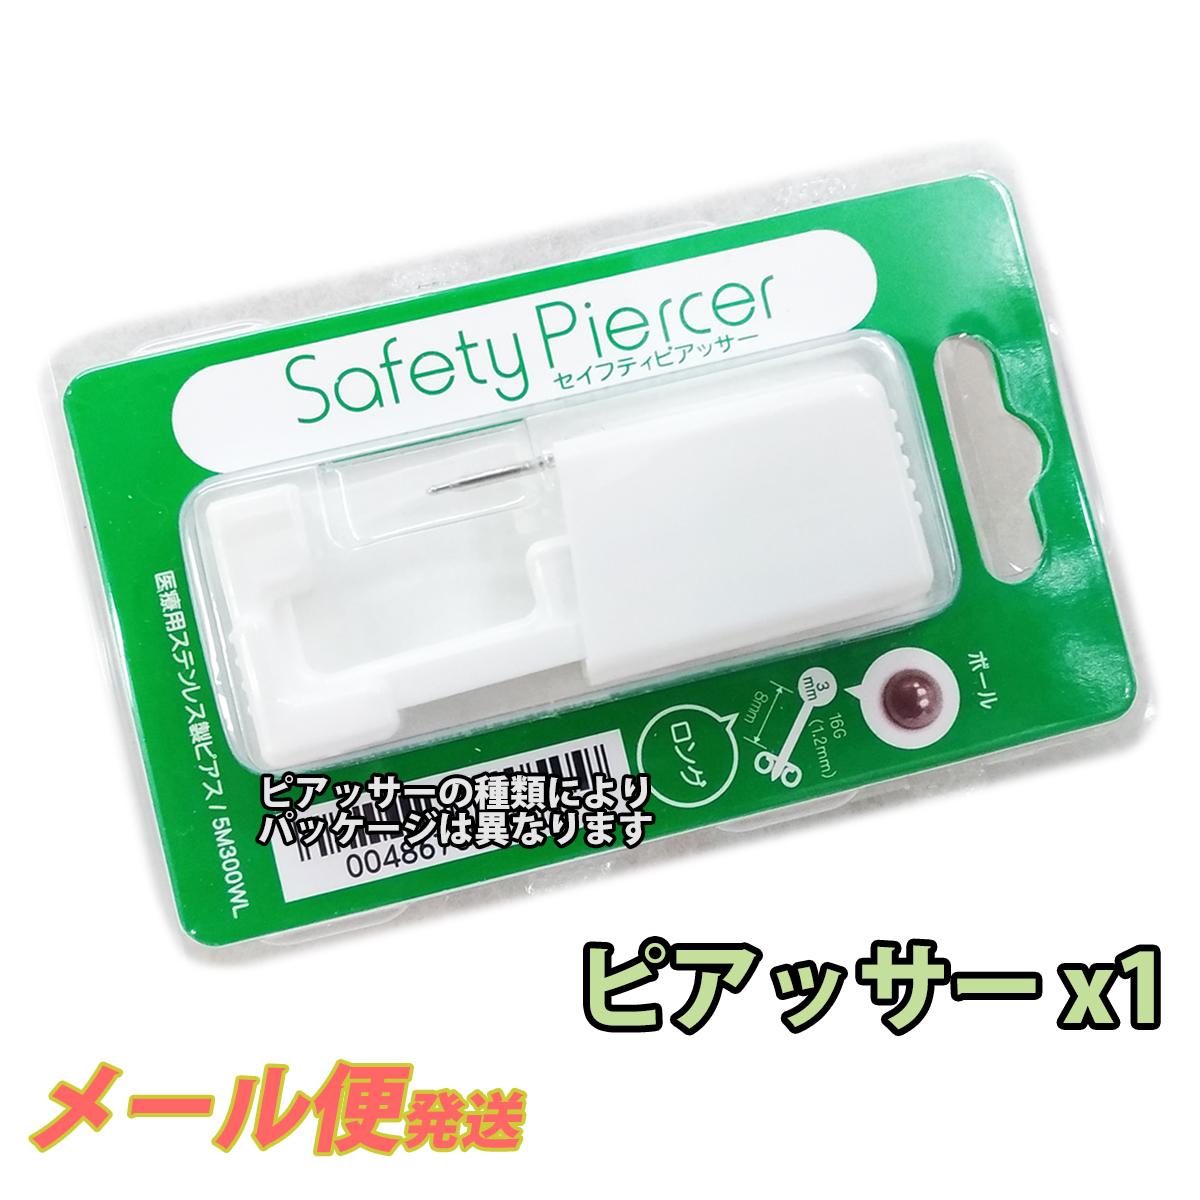 セイフティピアッサー 実績と信頼のJPS 日本ピアスシステム ピアッサー 1個 丸玉 誕生石 透明 軟骨 JPS 病院紹介状 ピアスマニュアル付属 5M300WL 5M300YL メール便出荷 5M300YC 新登場 5M300WC 透明ピアッサー 16ga JPSピアッサー 軟骨ピアッサー 5RF506CL (人気激安) 信頼と実績 誕生石ピアッサー